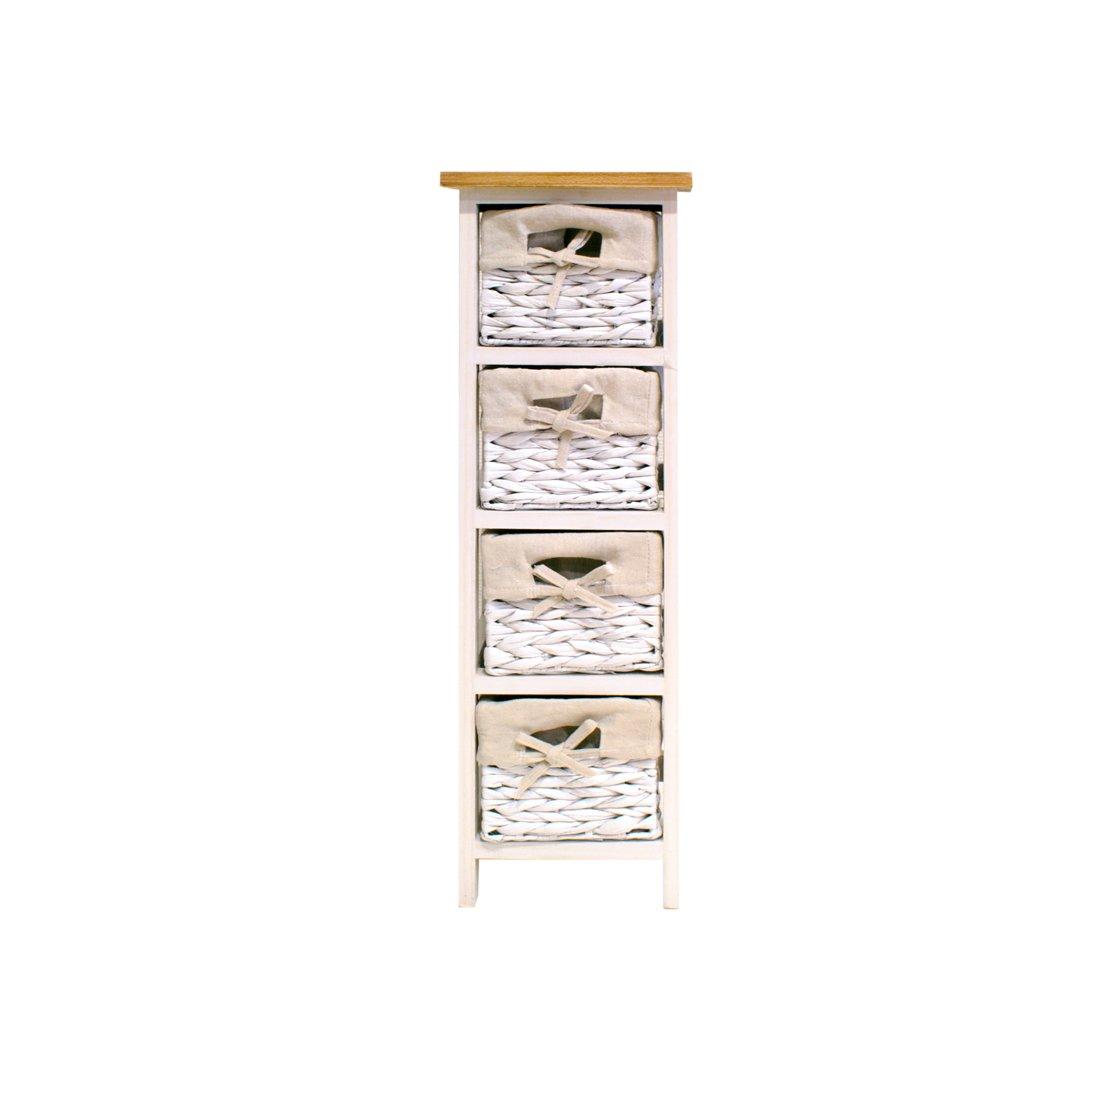 FRANDIS 199317Venezia cassetti a torre, in legno bianco laccato con vassoio in legno naturale + 4cestini canne bianco 26,5x 26,5x 76cm